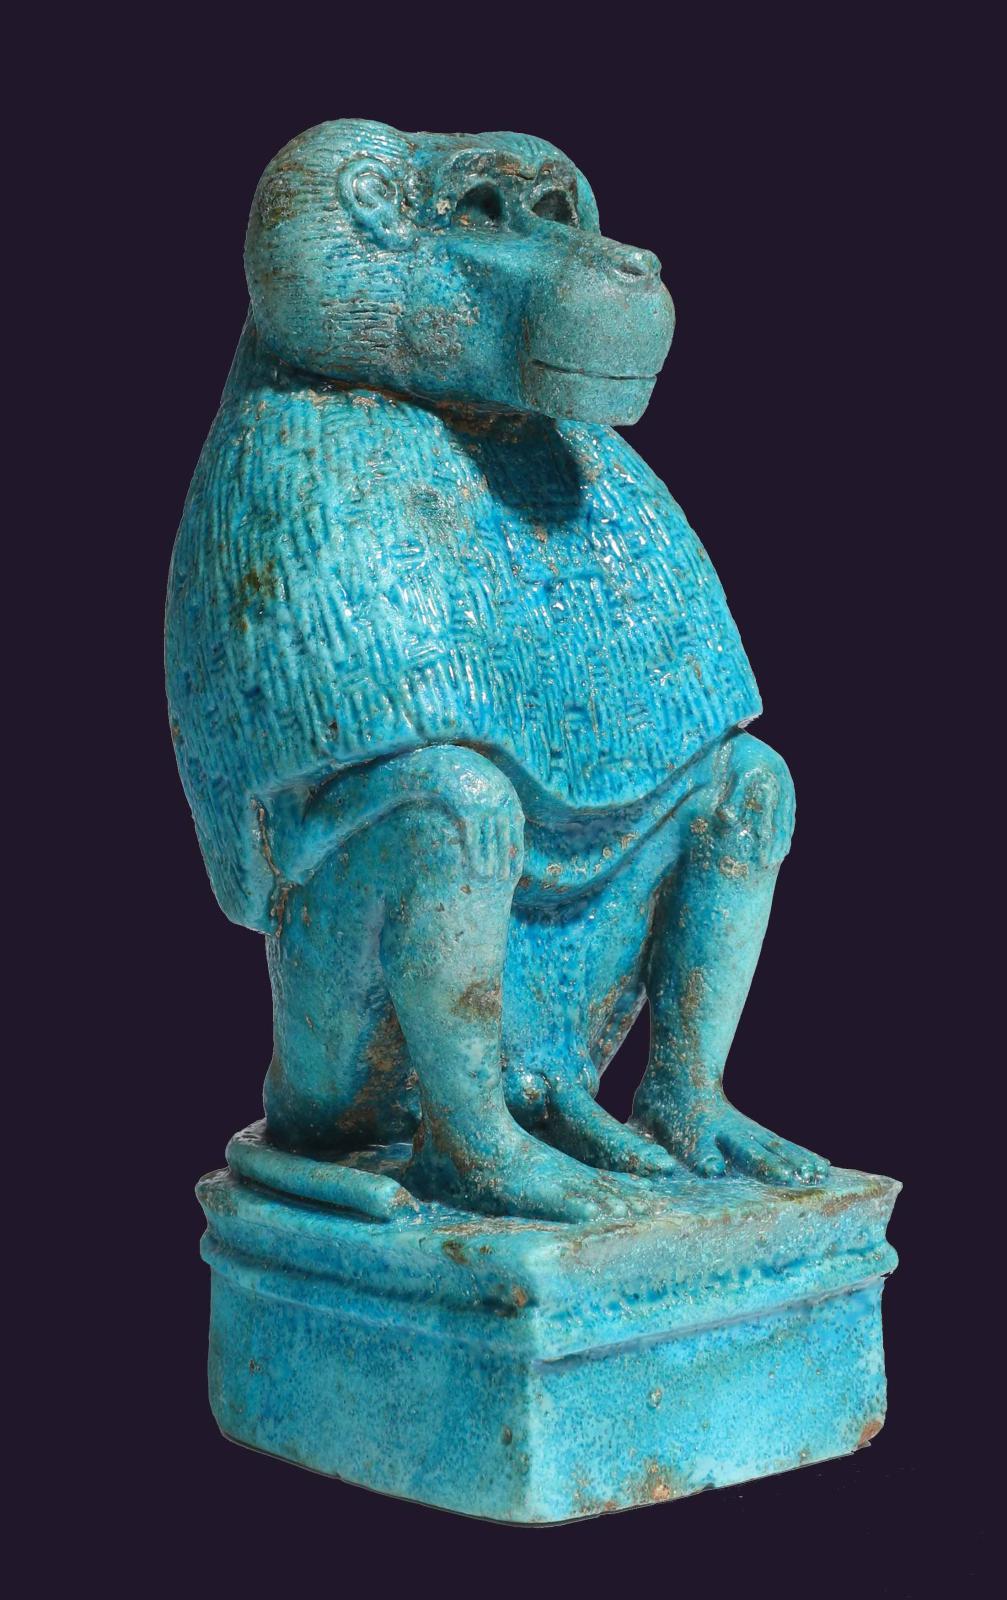 Égypte, Nouvel Empire, XIXe-XXe dynastie, 1200av. J.-C.Dieu Thot sous la formed'un babouin, faïence, h. 15cm. Galerie Cybele. Photo Cybele.